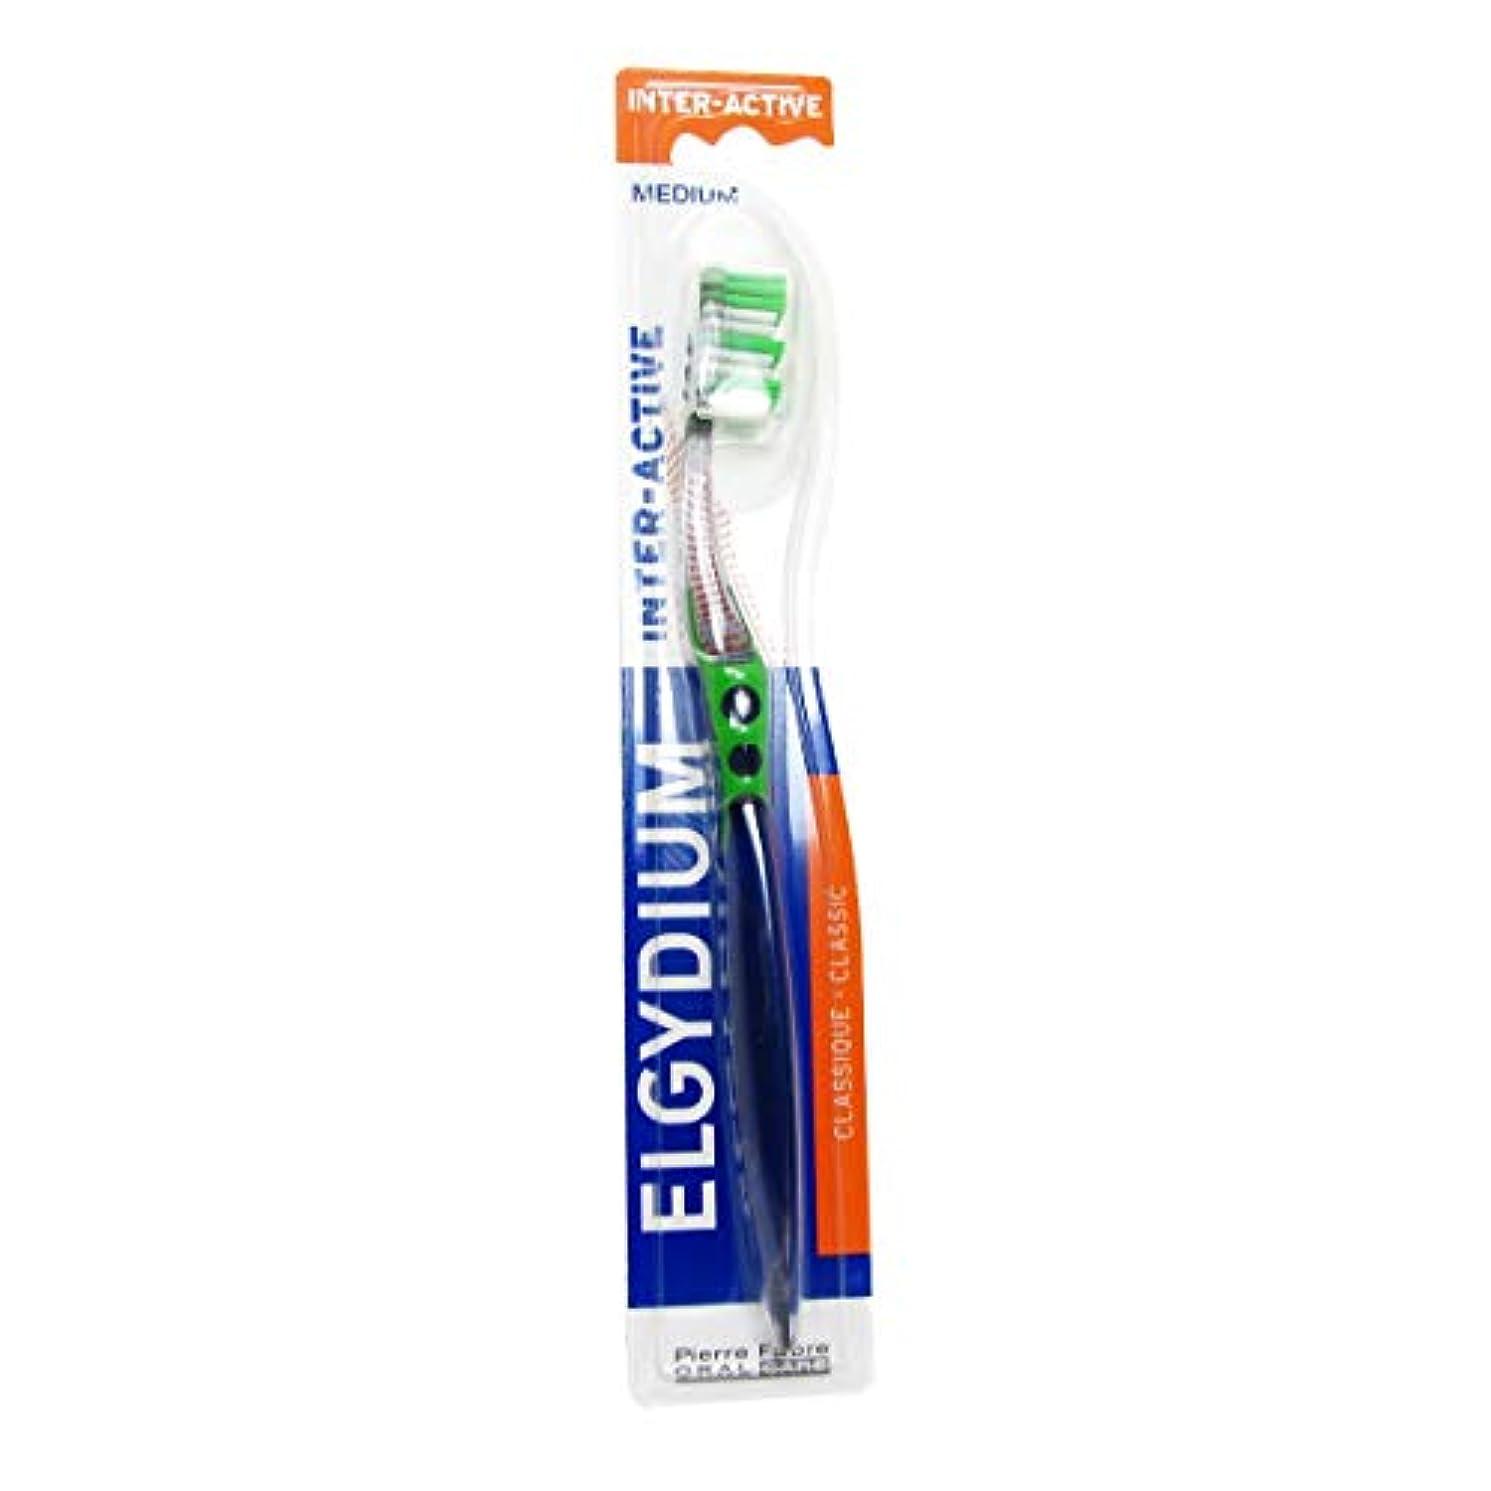 湿度感覚に向かってElgydium Inter-active Medium Toothbrush [並行輸入品]